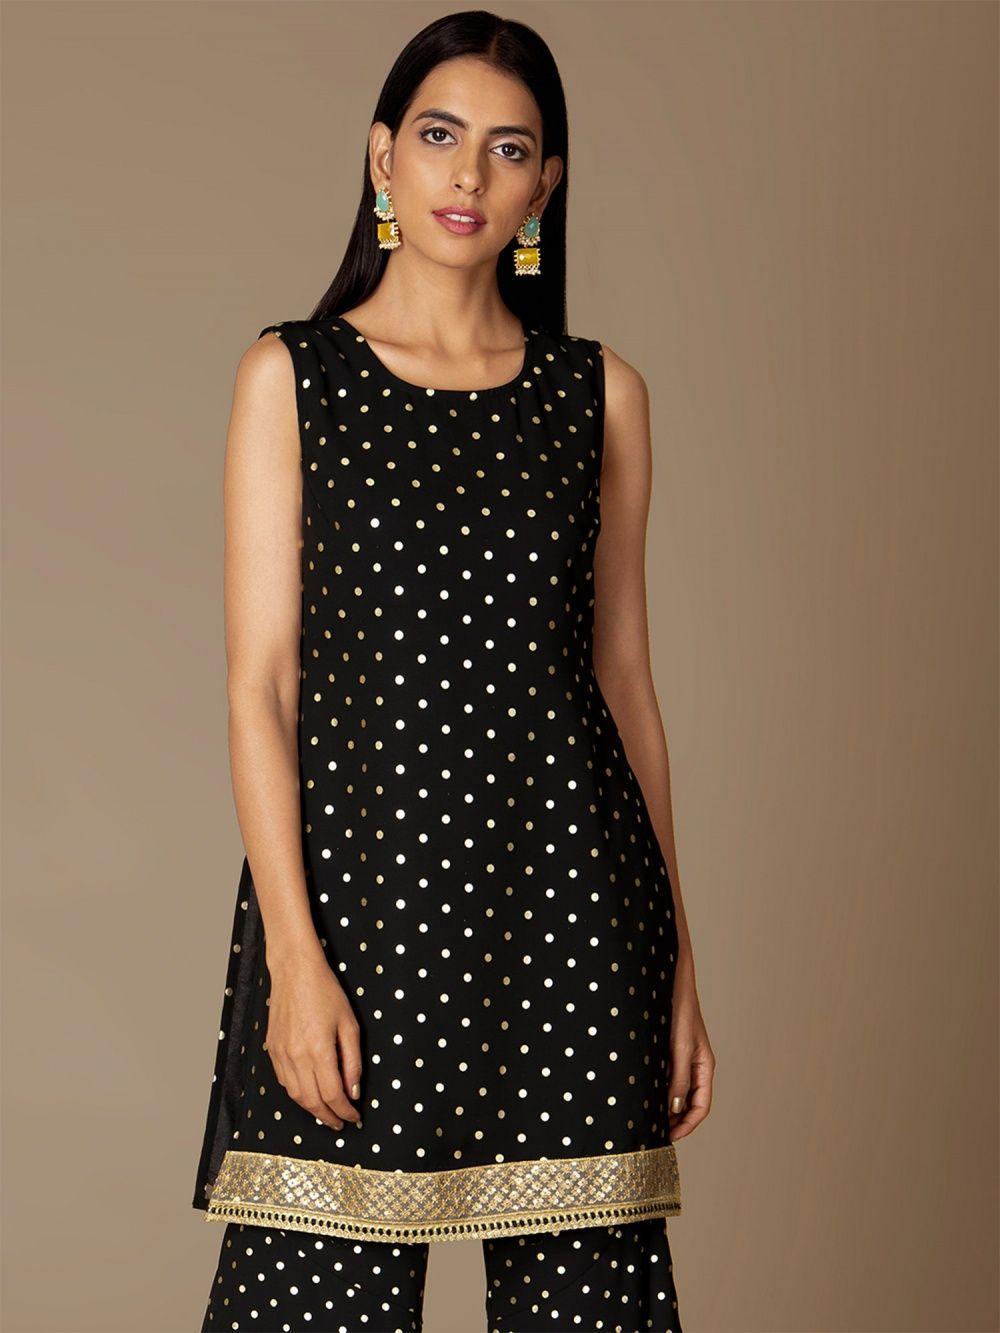 90784746e68 Indya Kurtis Kurtas and Tunics : Buy Indya Black Gold Foil Short ...